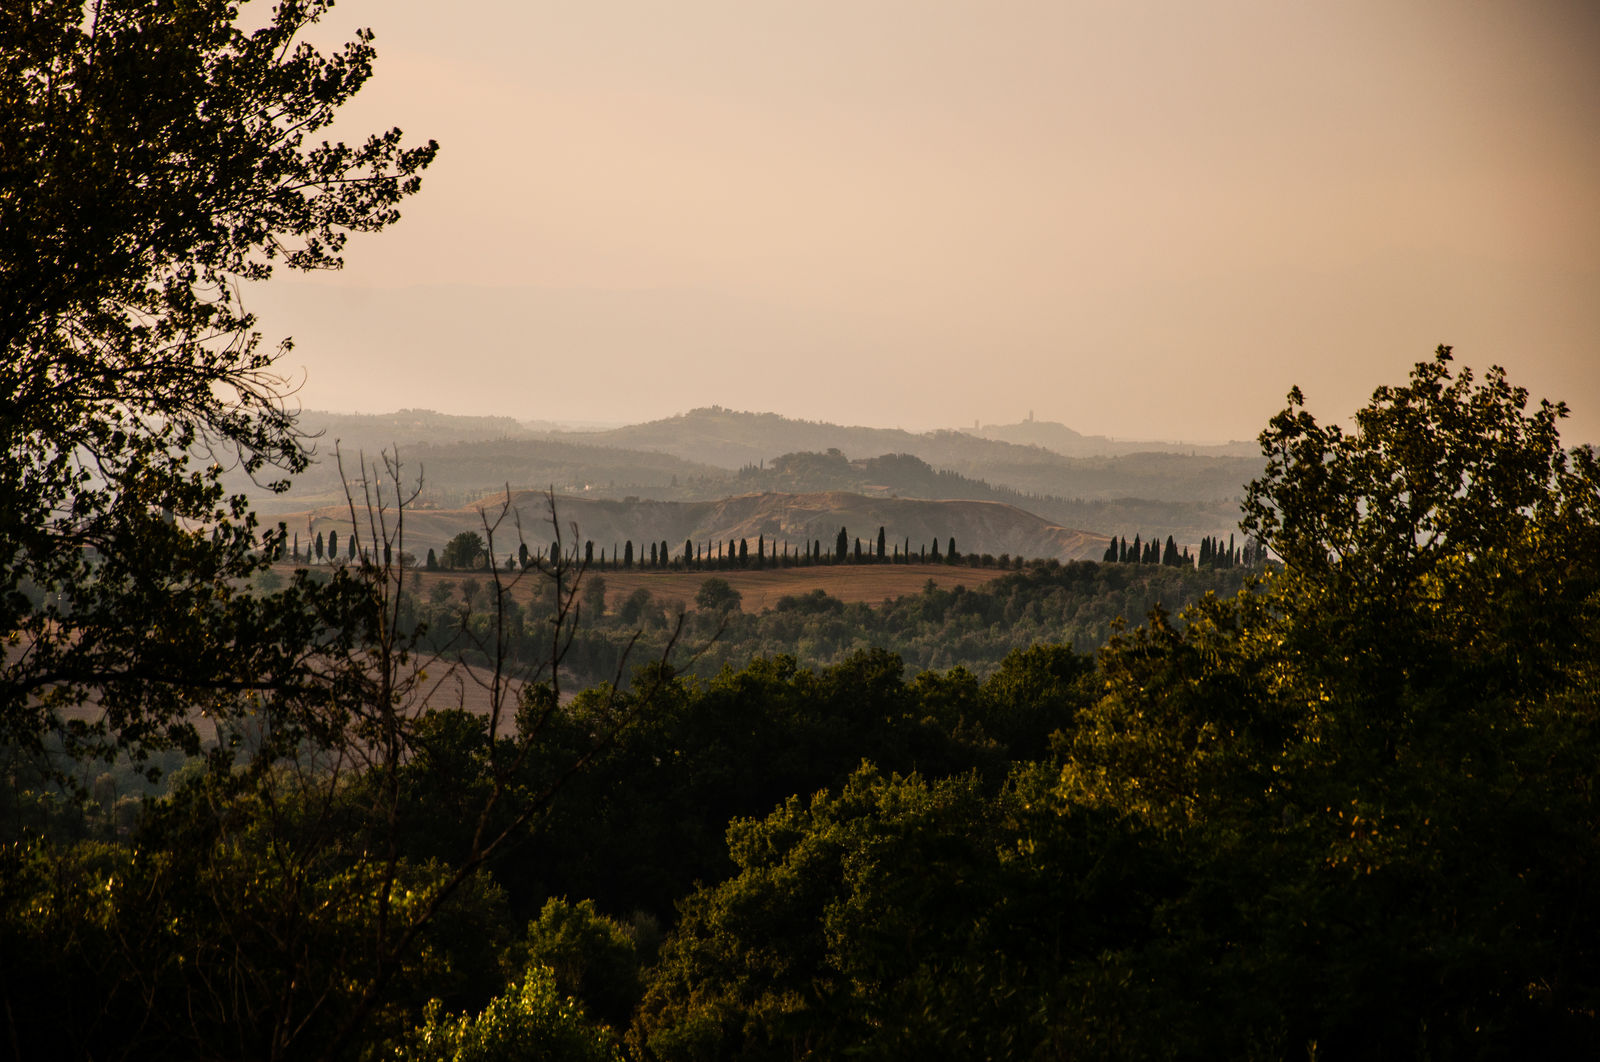 Gambassi Terme - Gambassi Terme, dalla Francigena al benessere - Toscana Ovunque Bella